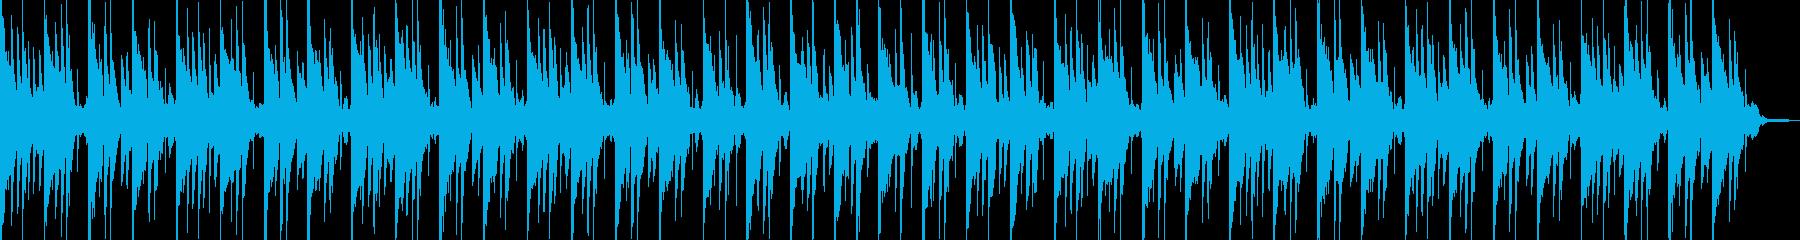 和風情緒豊かな旋律のヒーリングBGMの再生済みの波形